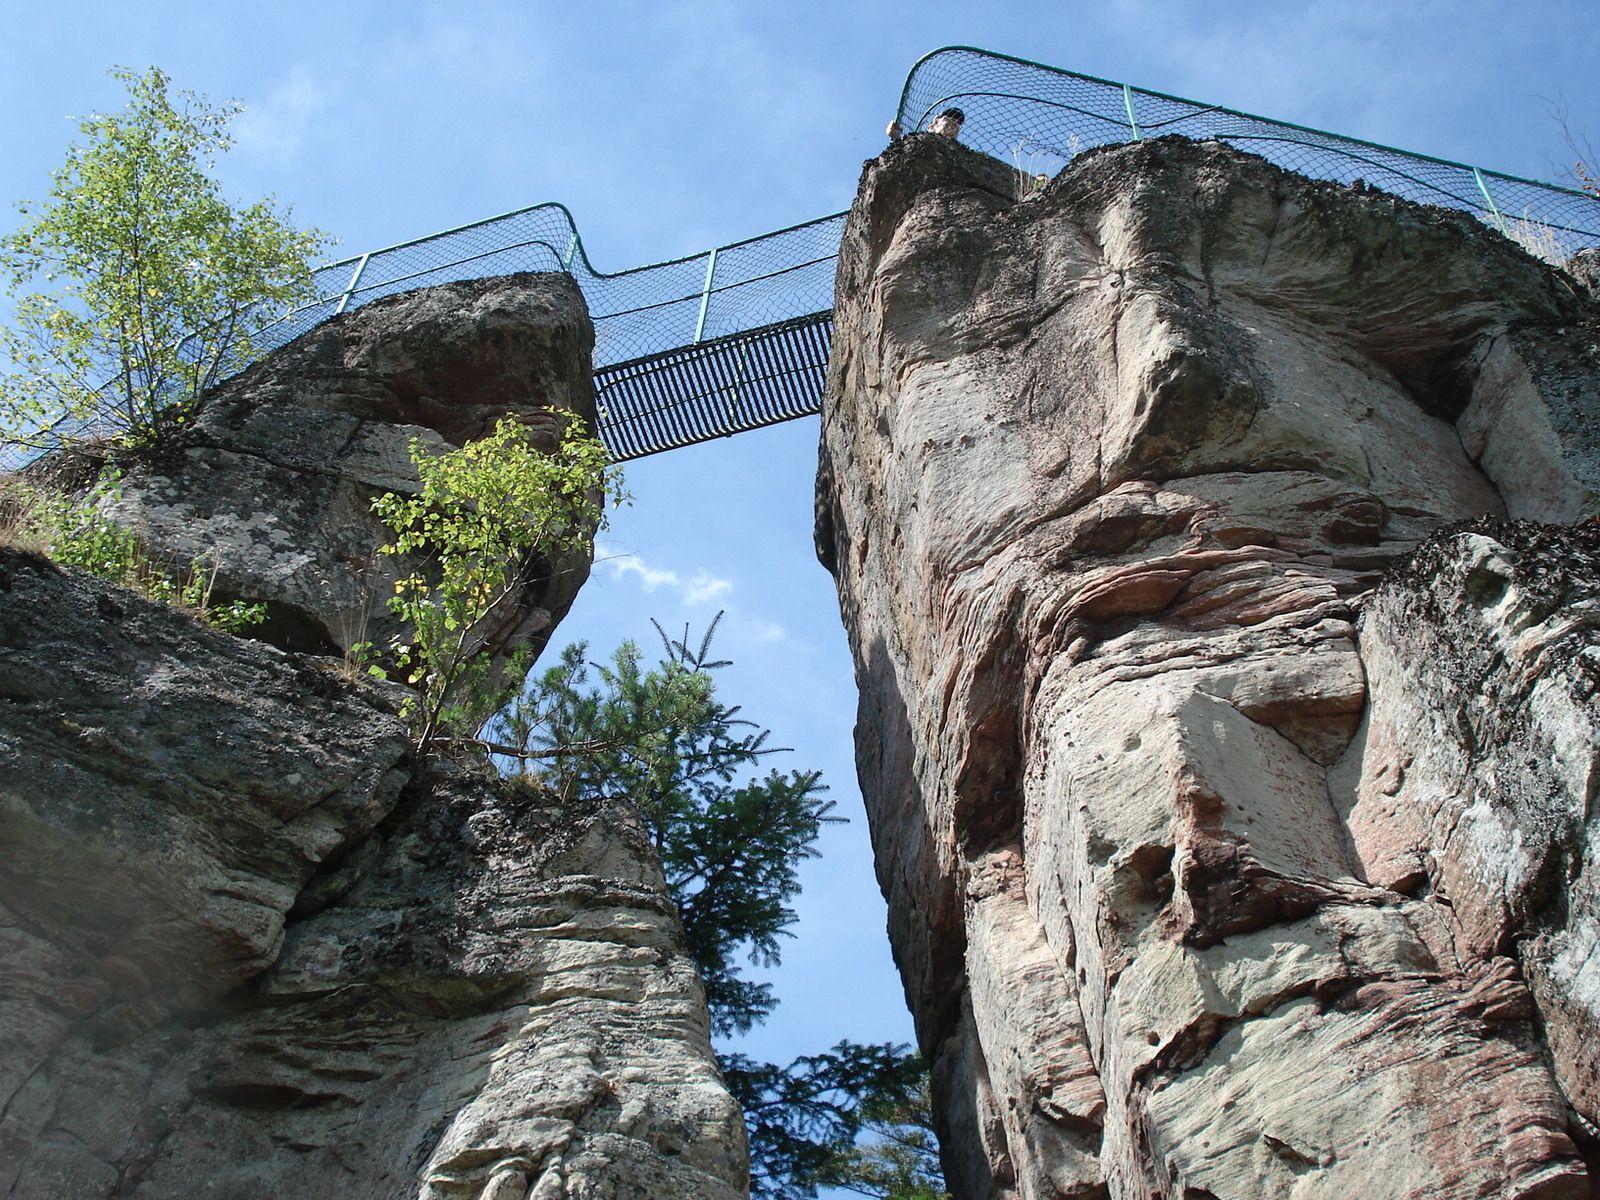 Mercredi 18 mars – La randonnée programmée dans le massif du Kemberg (Saint-Dié-des-Vosges) est annulée